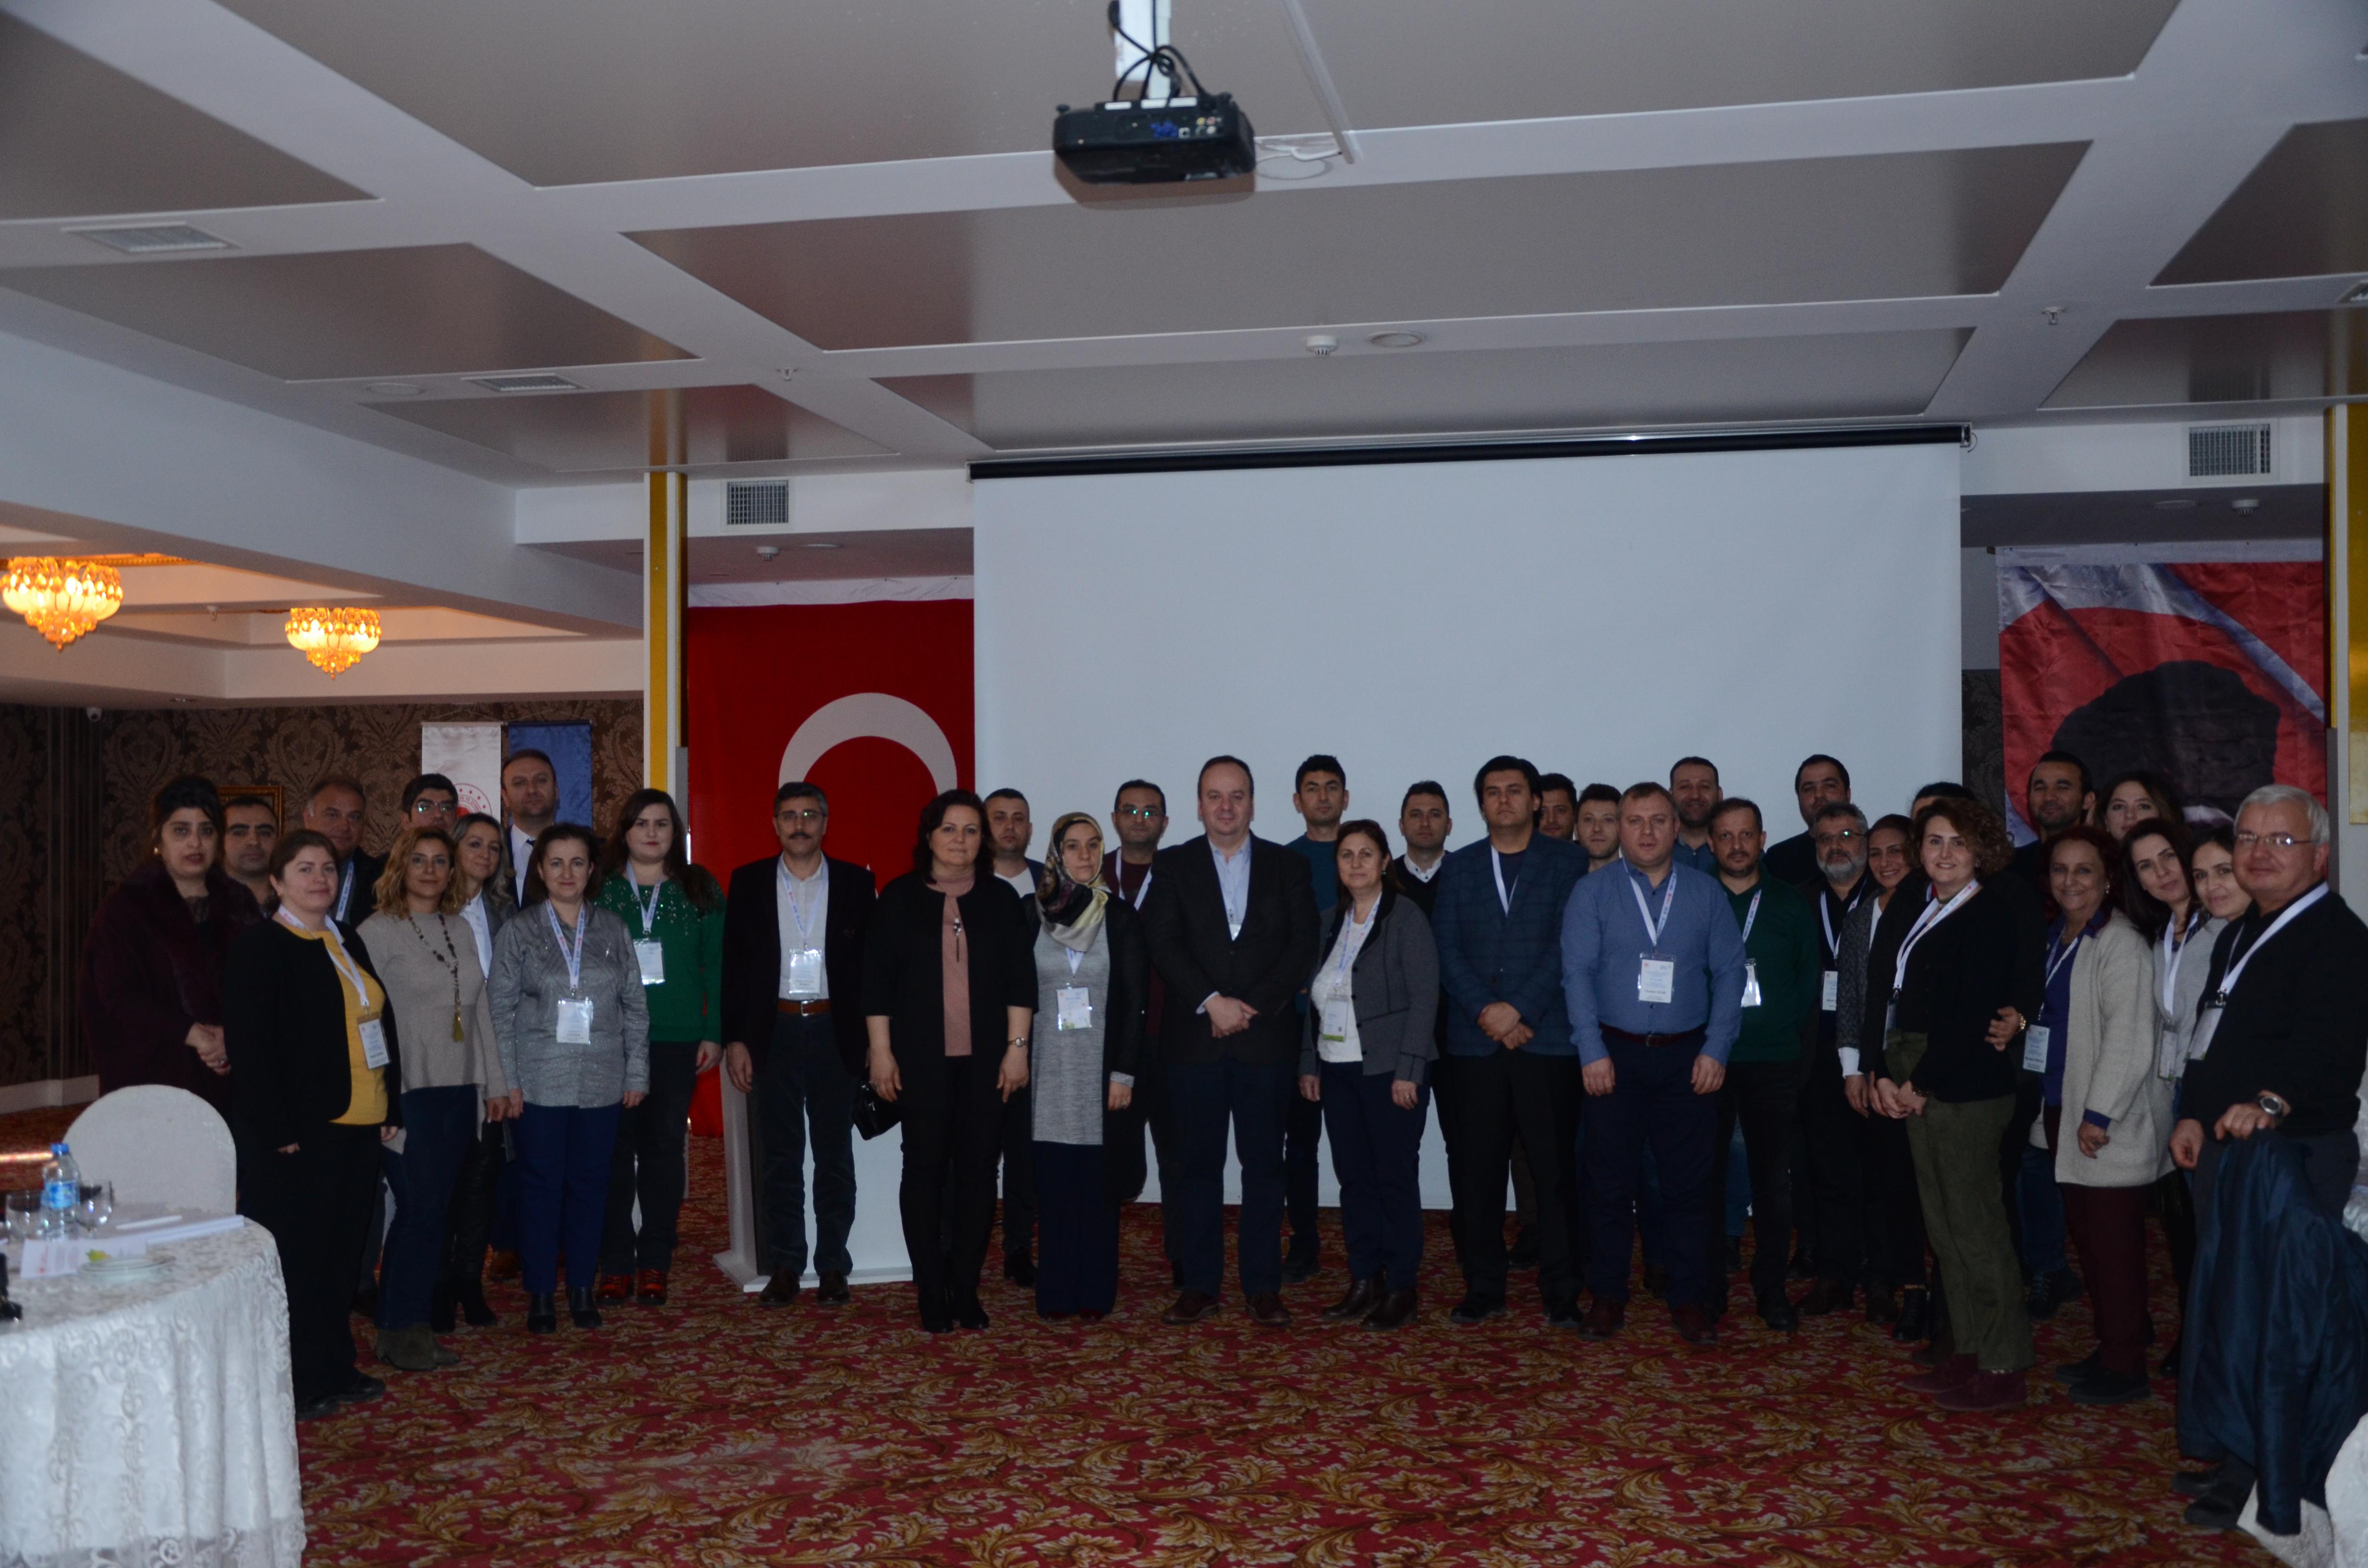 Orta Karadeniz Temiz Hava Merkez Müdürlüğüne Bağlı İller için Bölgesel Hava Kalitesi Değerlendirme ve Hava Emisyon Yönetim Portalı Çalıştayı 13-14 Aralık 2018 tarihlerinde Samsun'da Gerçekleştirildi.